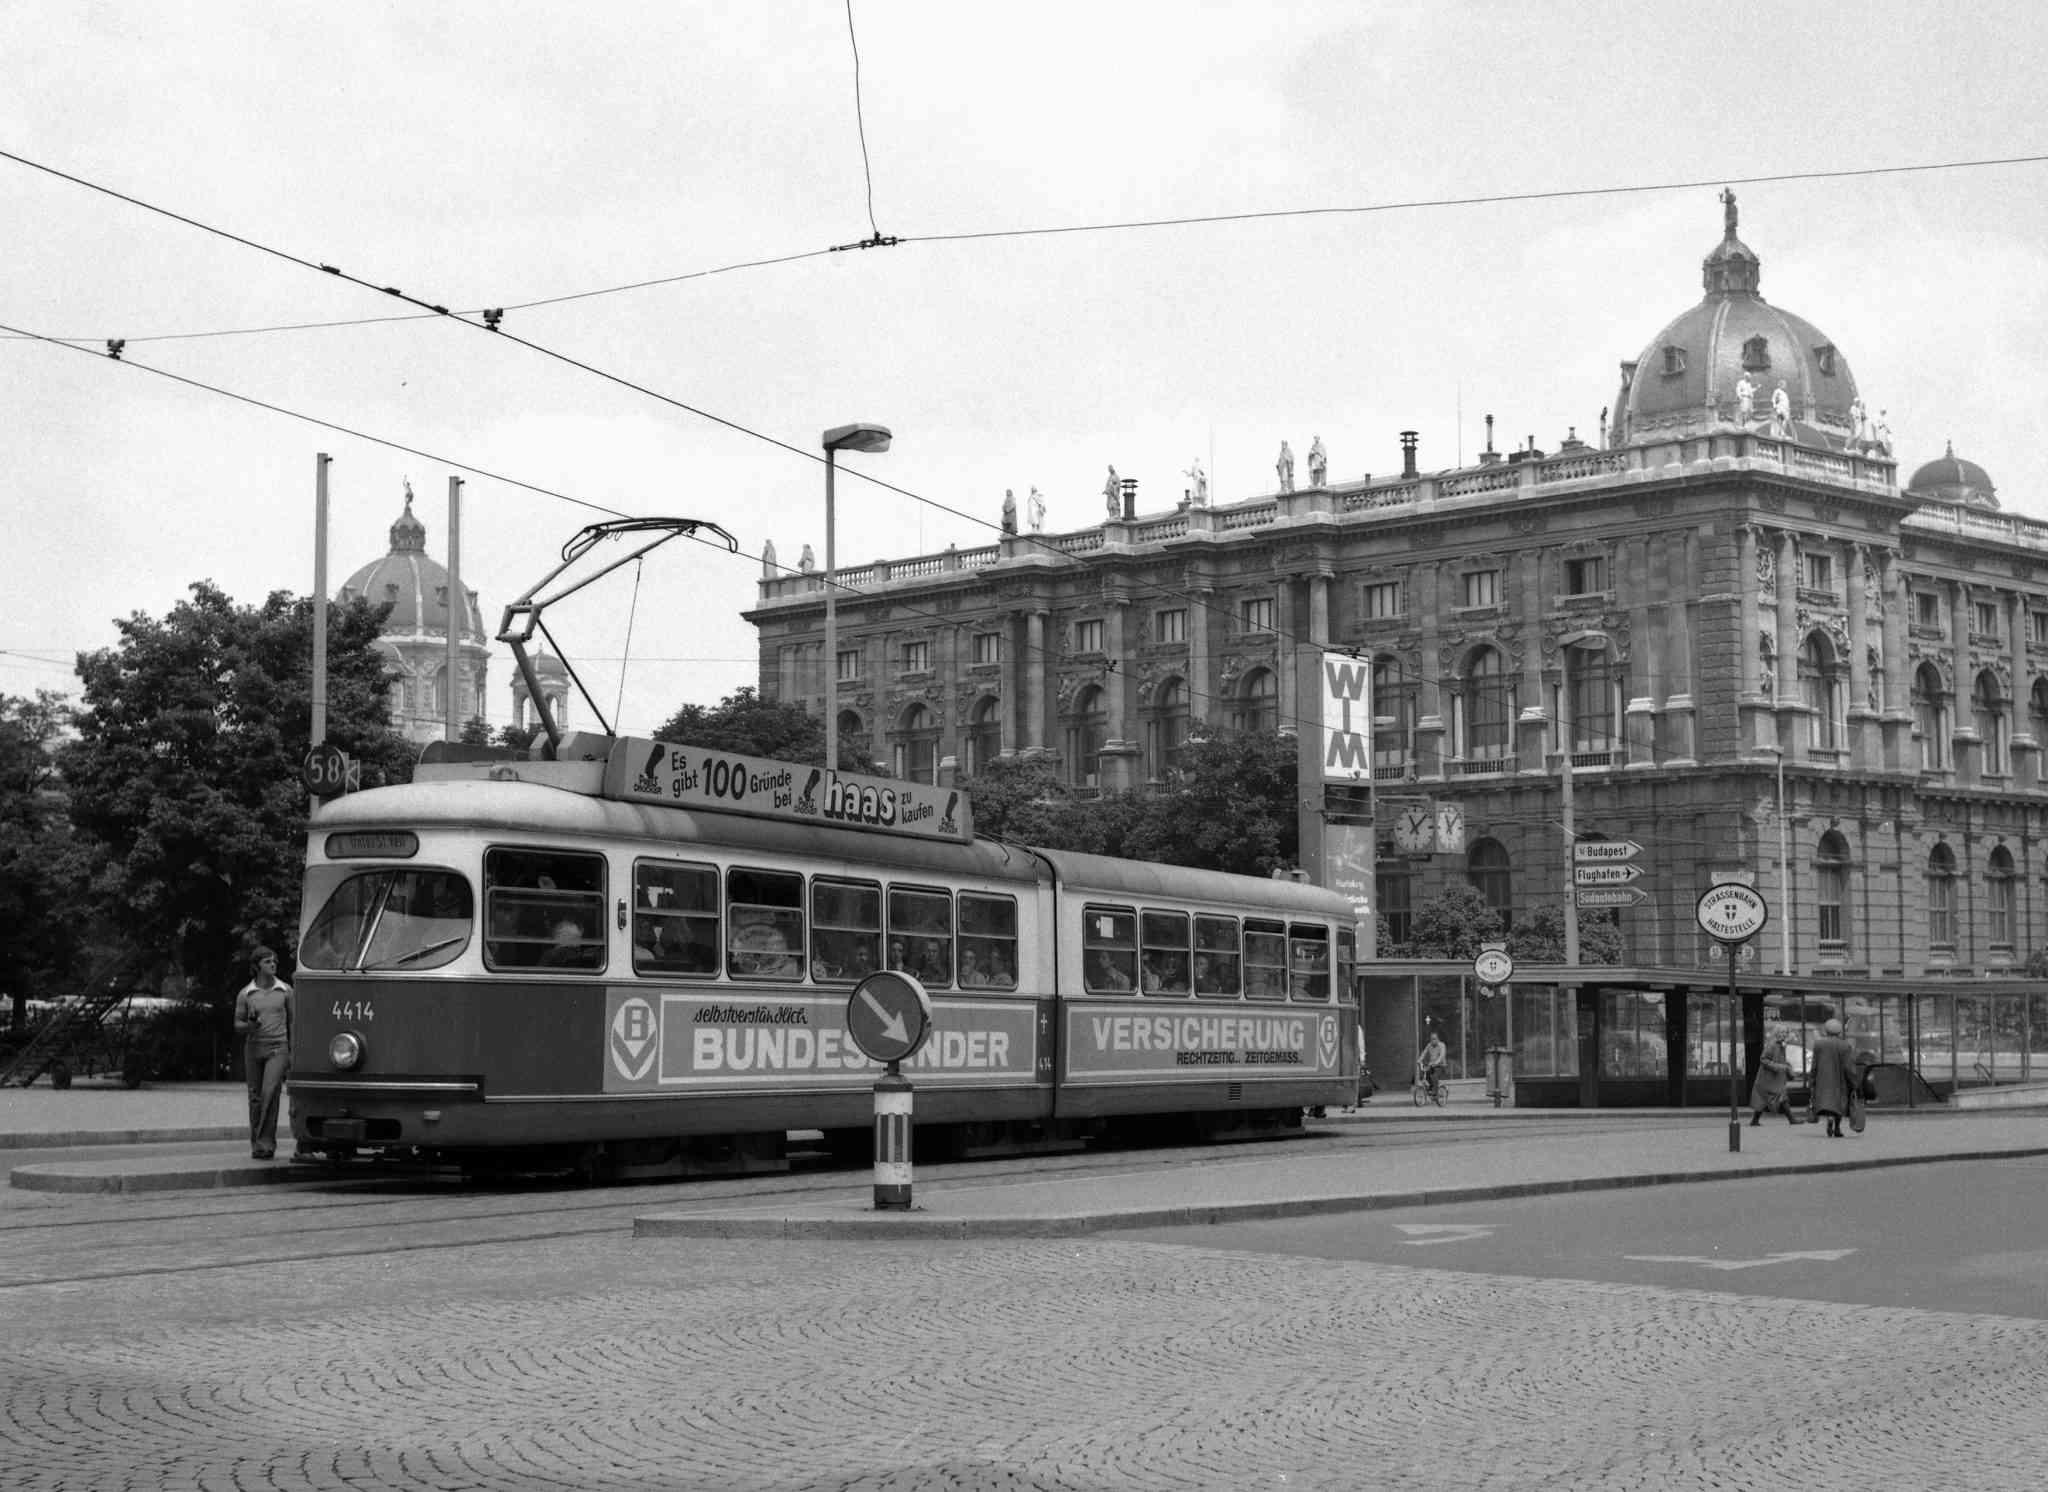 Die Linie 58 im Jahr 1975. 2017 verabschiedete sich die Straßenbahn in ihren wohlverdienten Ruhestand.